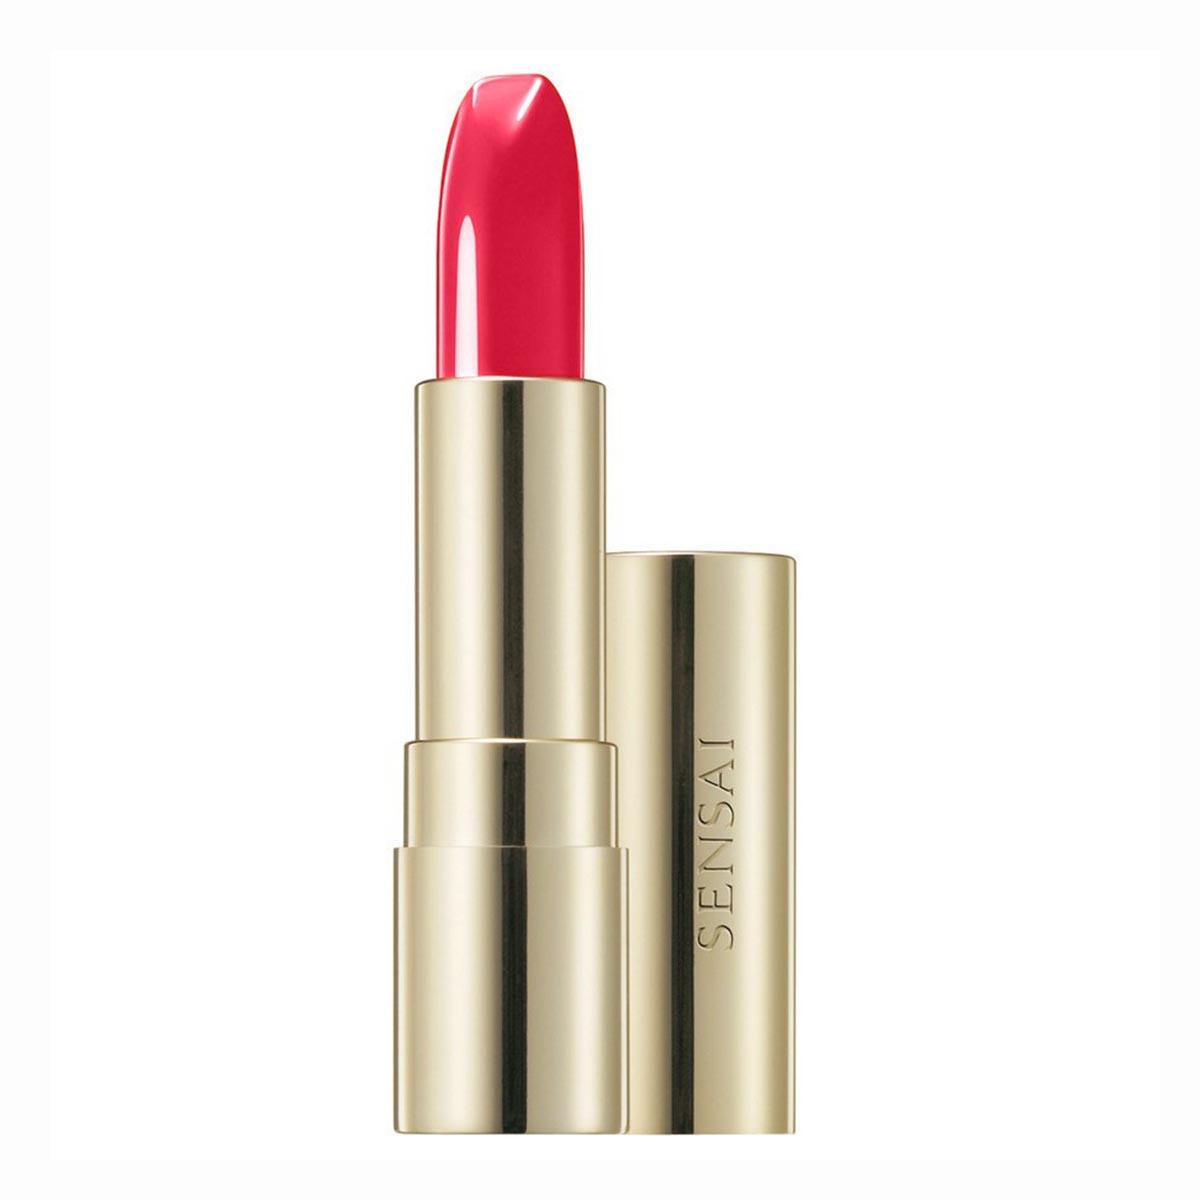 Kanebo sensai colours lipstick 20 sumire